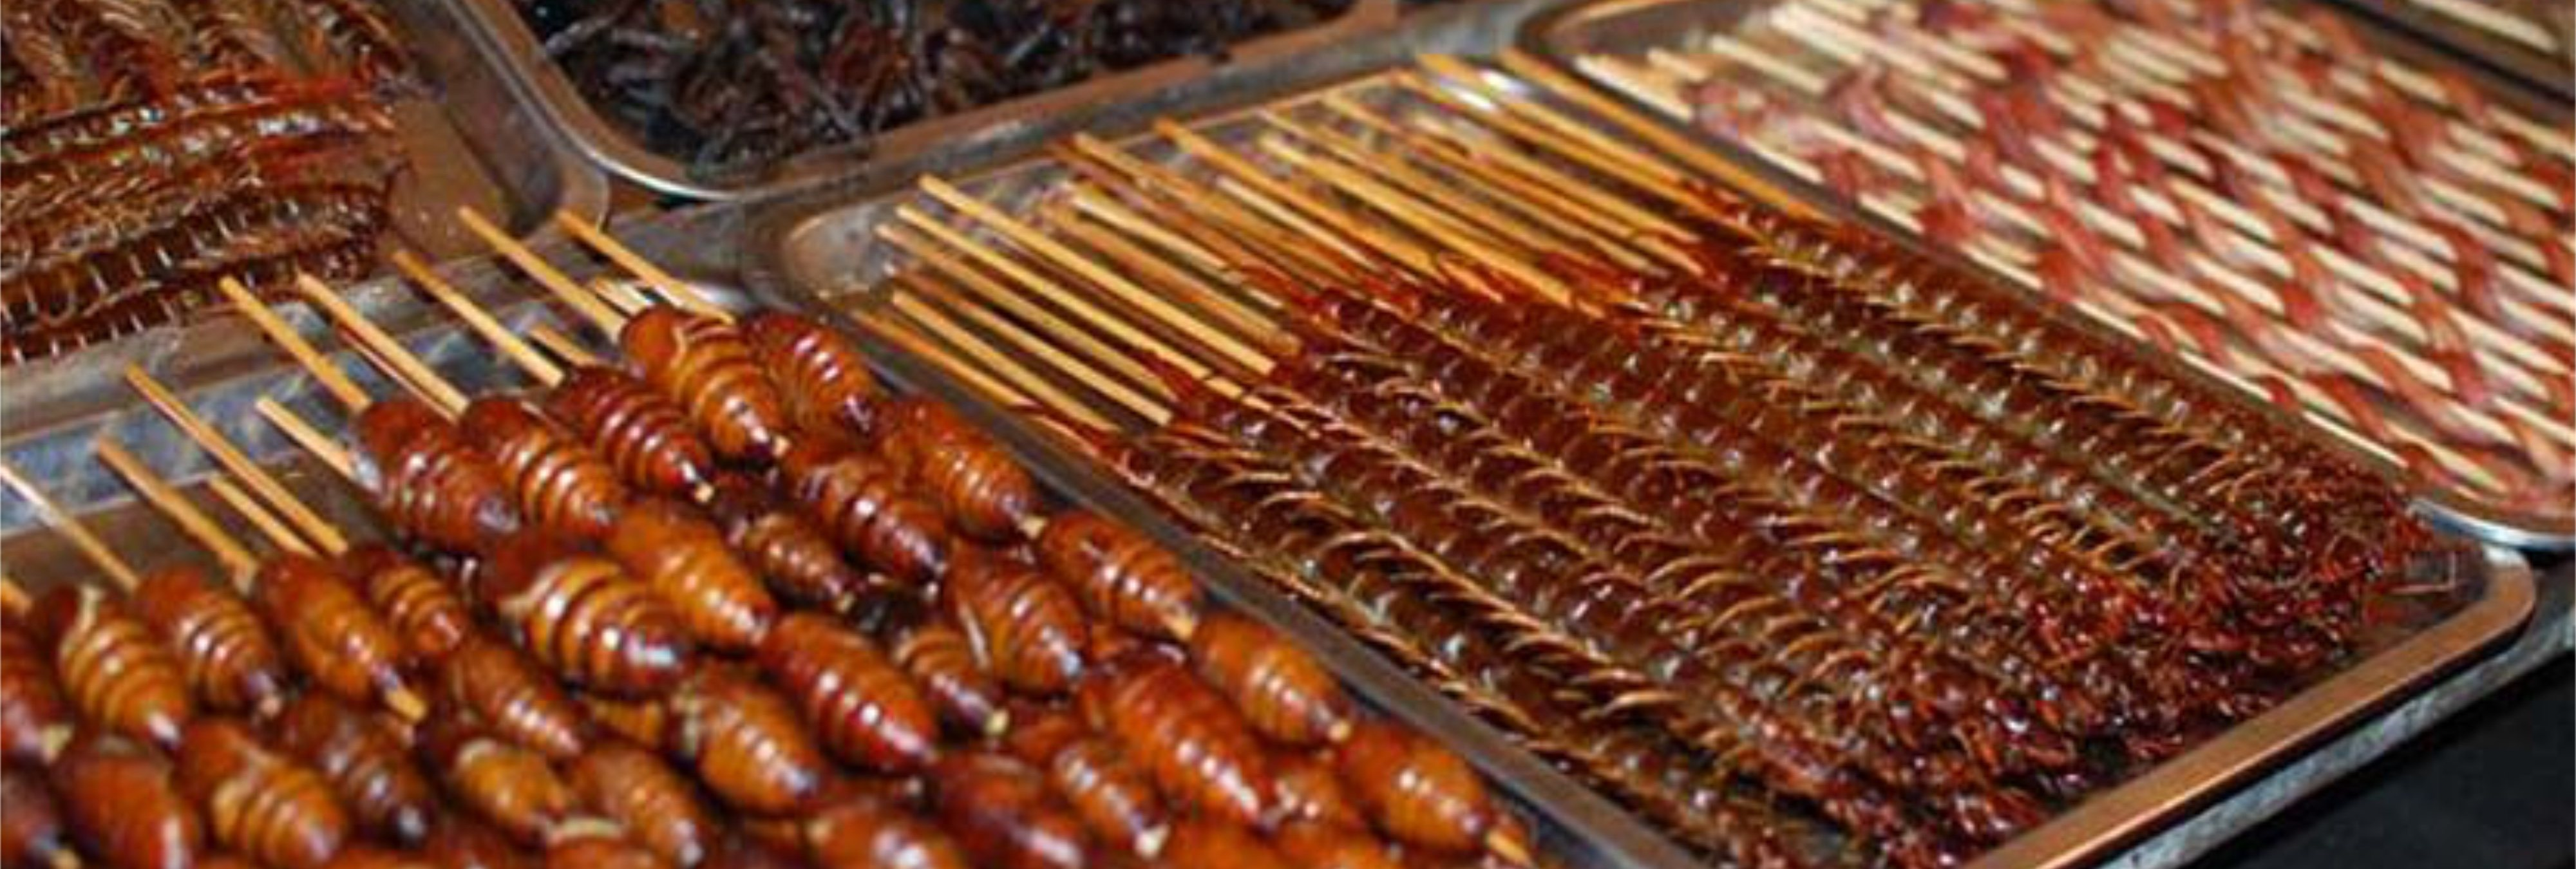 Comemos cerca de un kilo de insectos al año sin ser conscientes